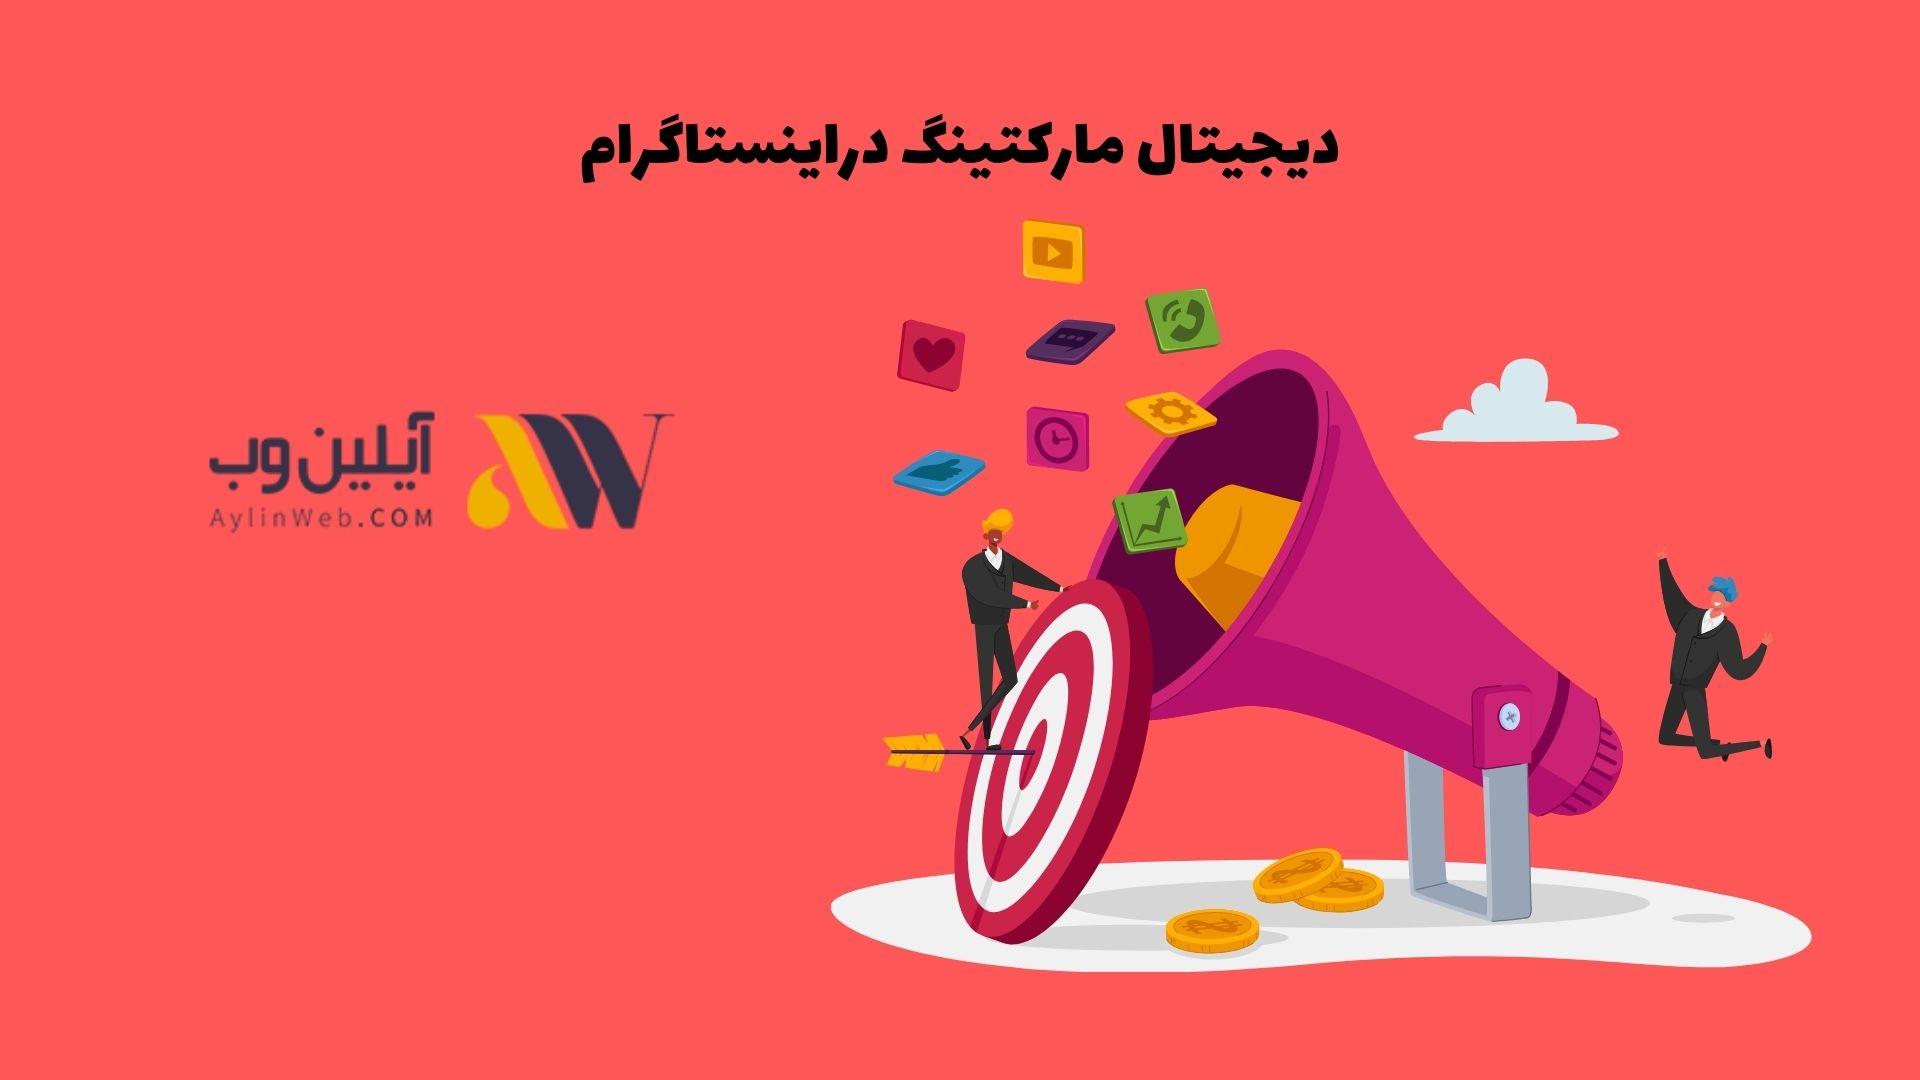 دیجیتال مارکتینگ در اینستاگرام